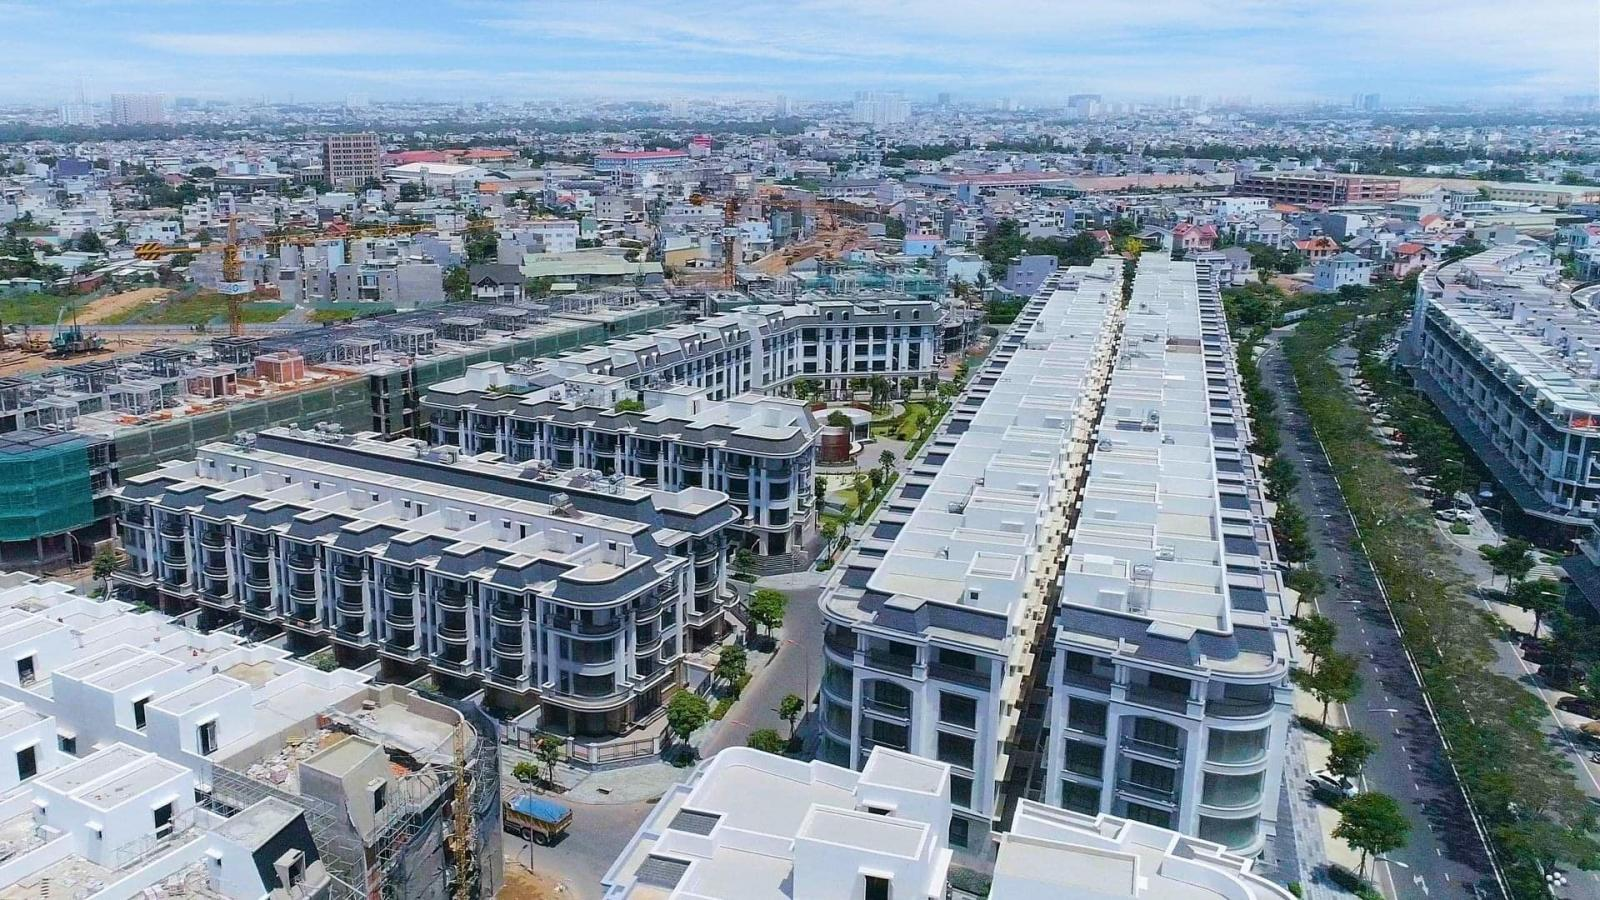 Toàn cảnh khu công nghiệp phân khúc bất động sản thu hút dòng tiền đầu tư